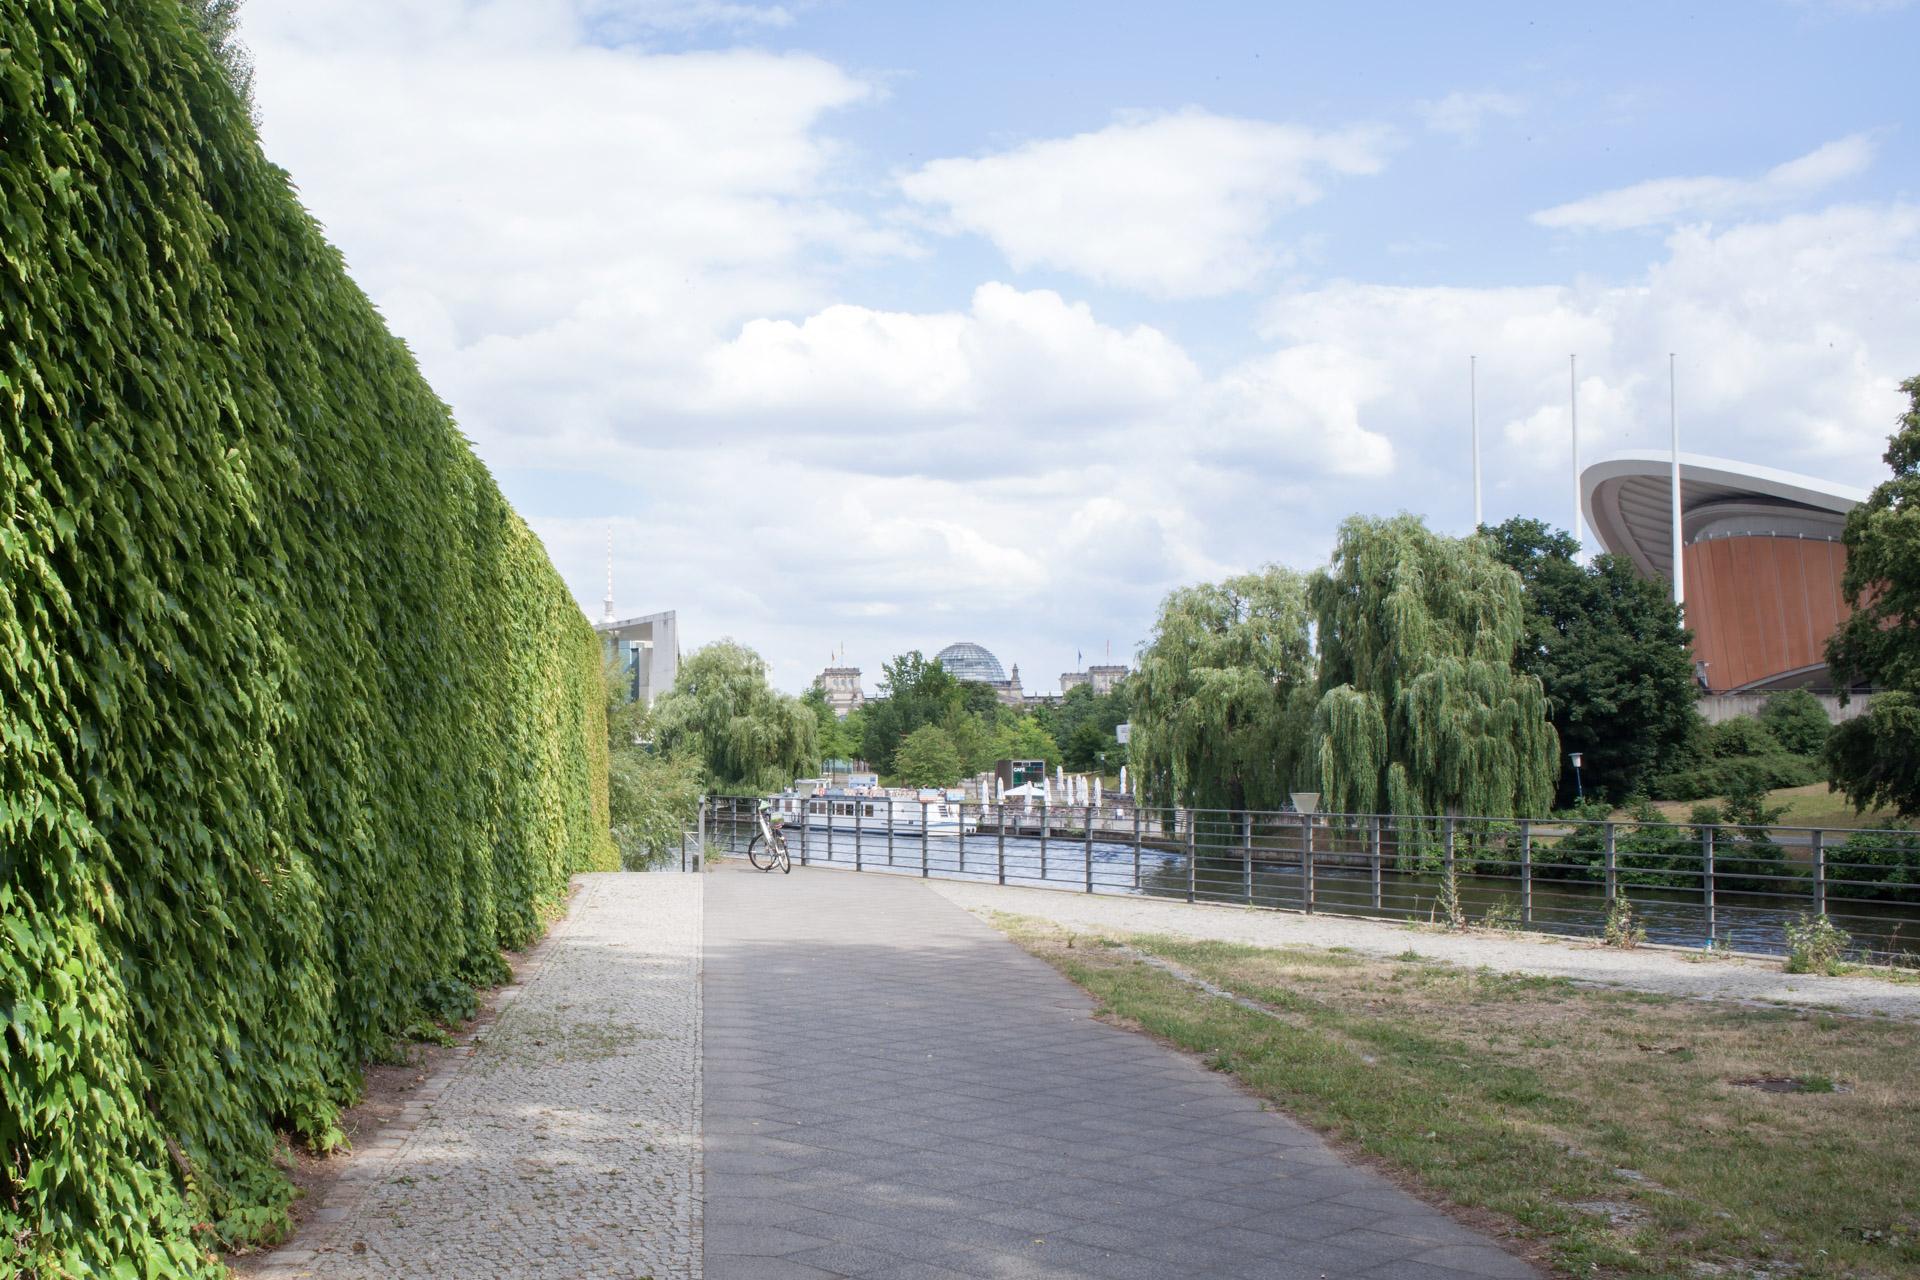 08_LIUC_Berlin-River_00343.jpg